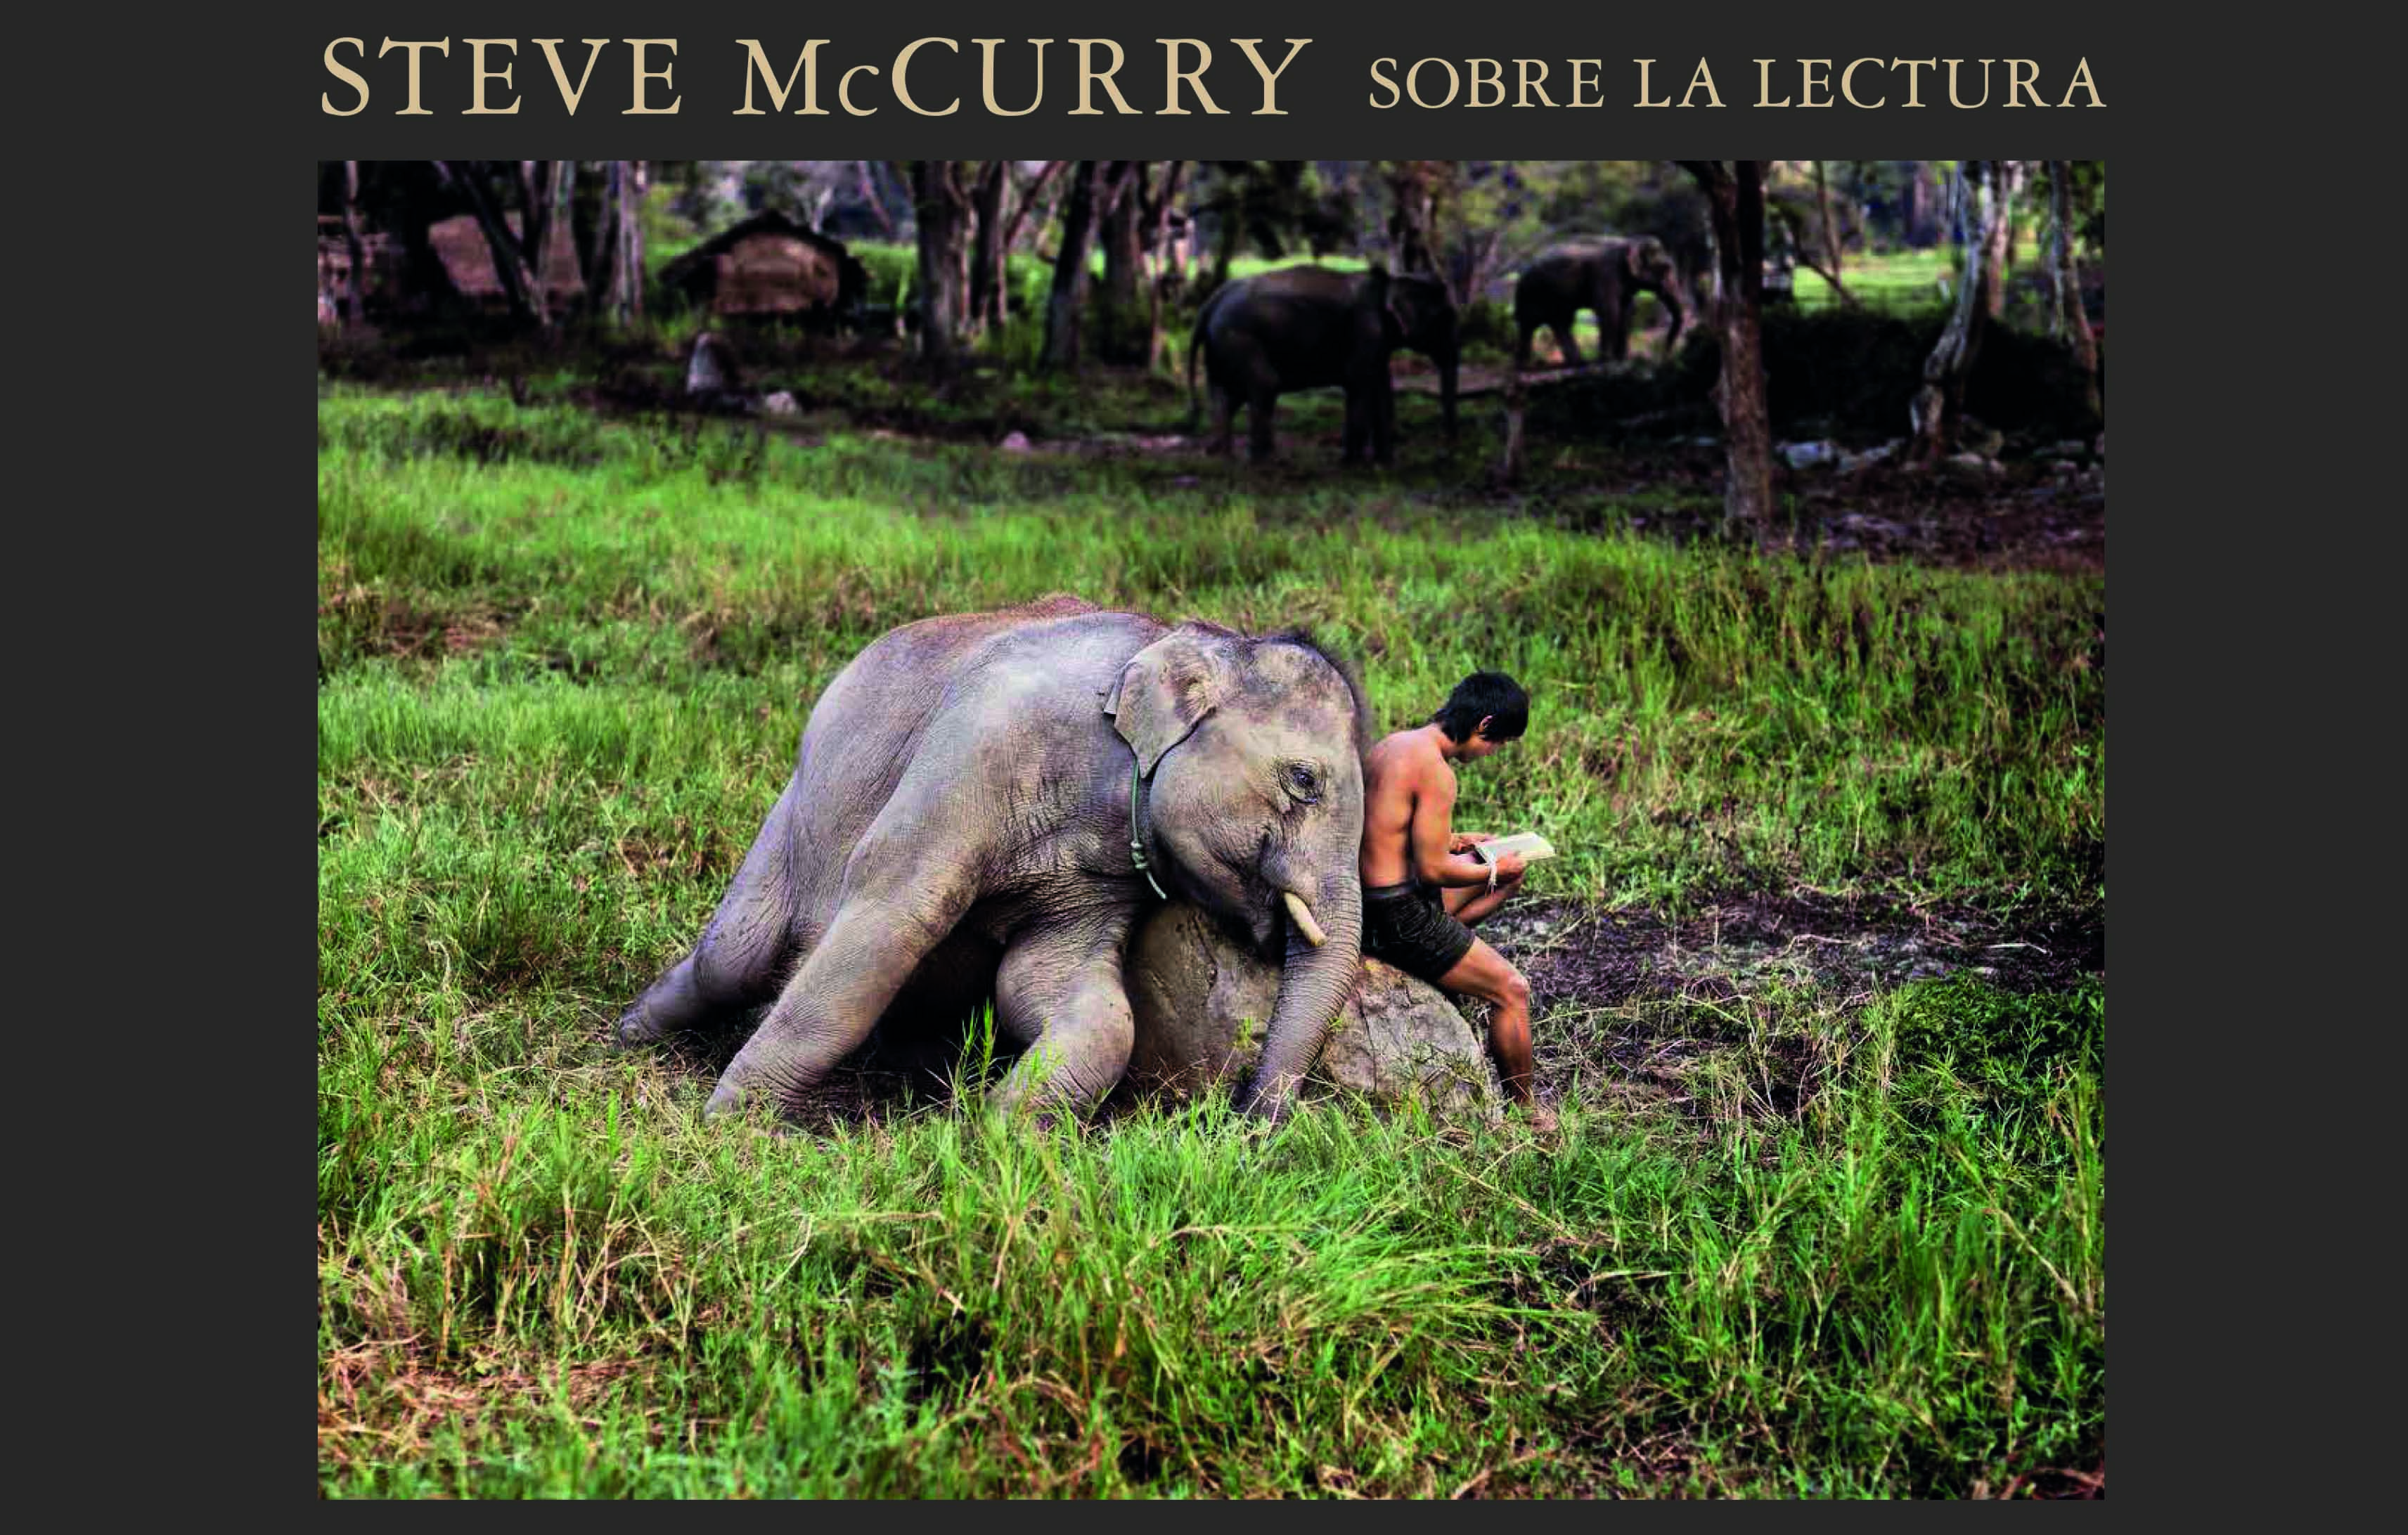 1steve-mccurry-on-reading-sp-2d